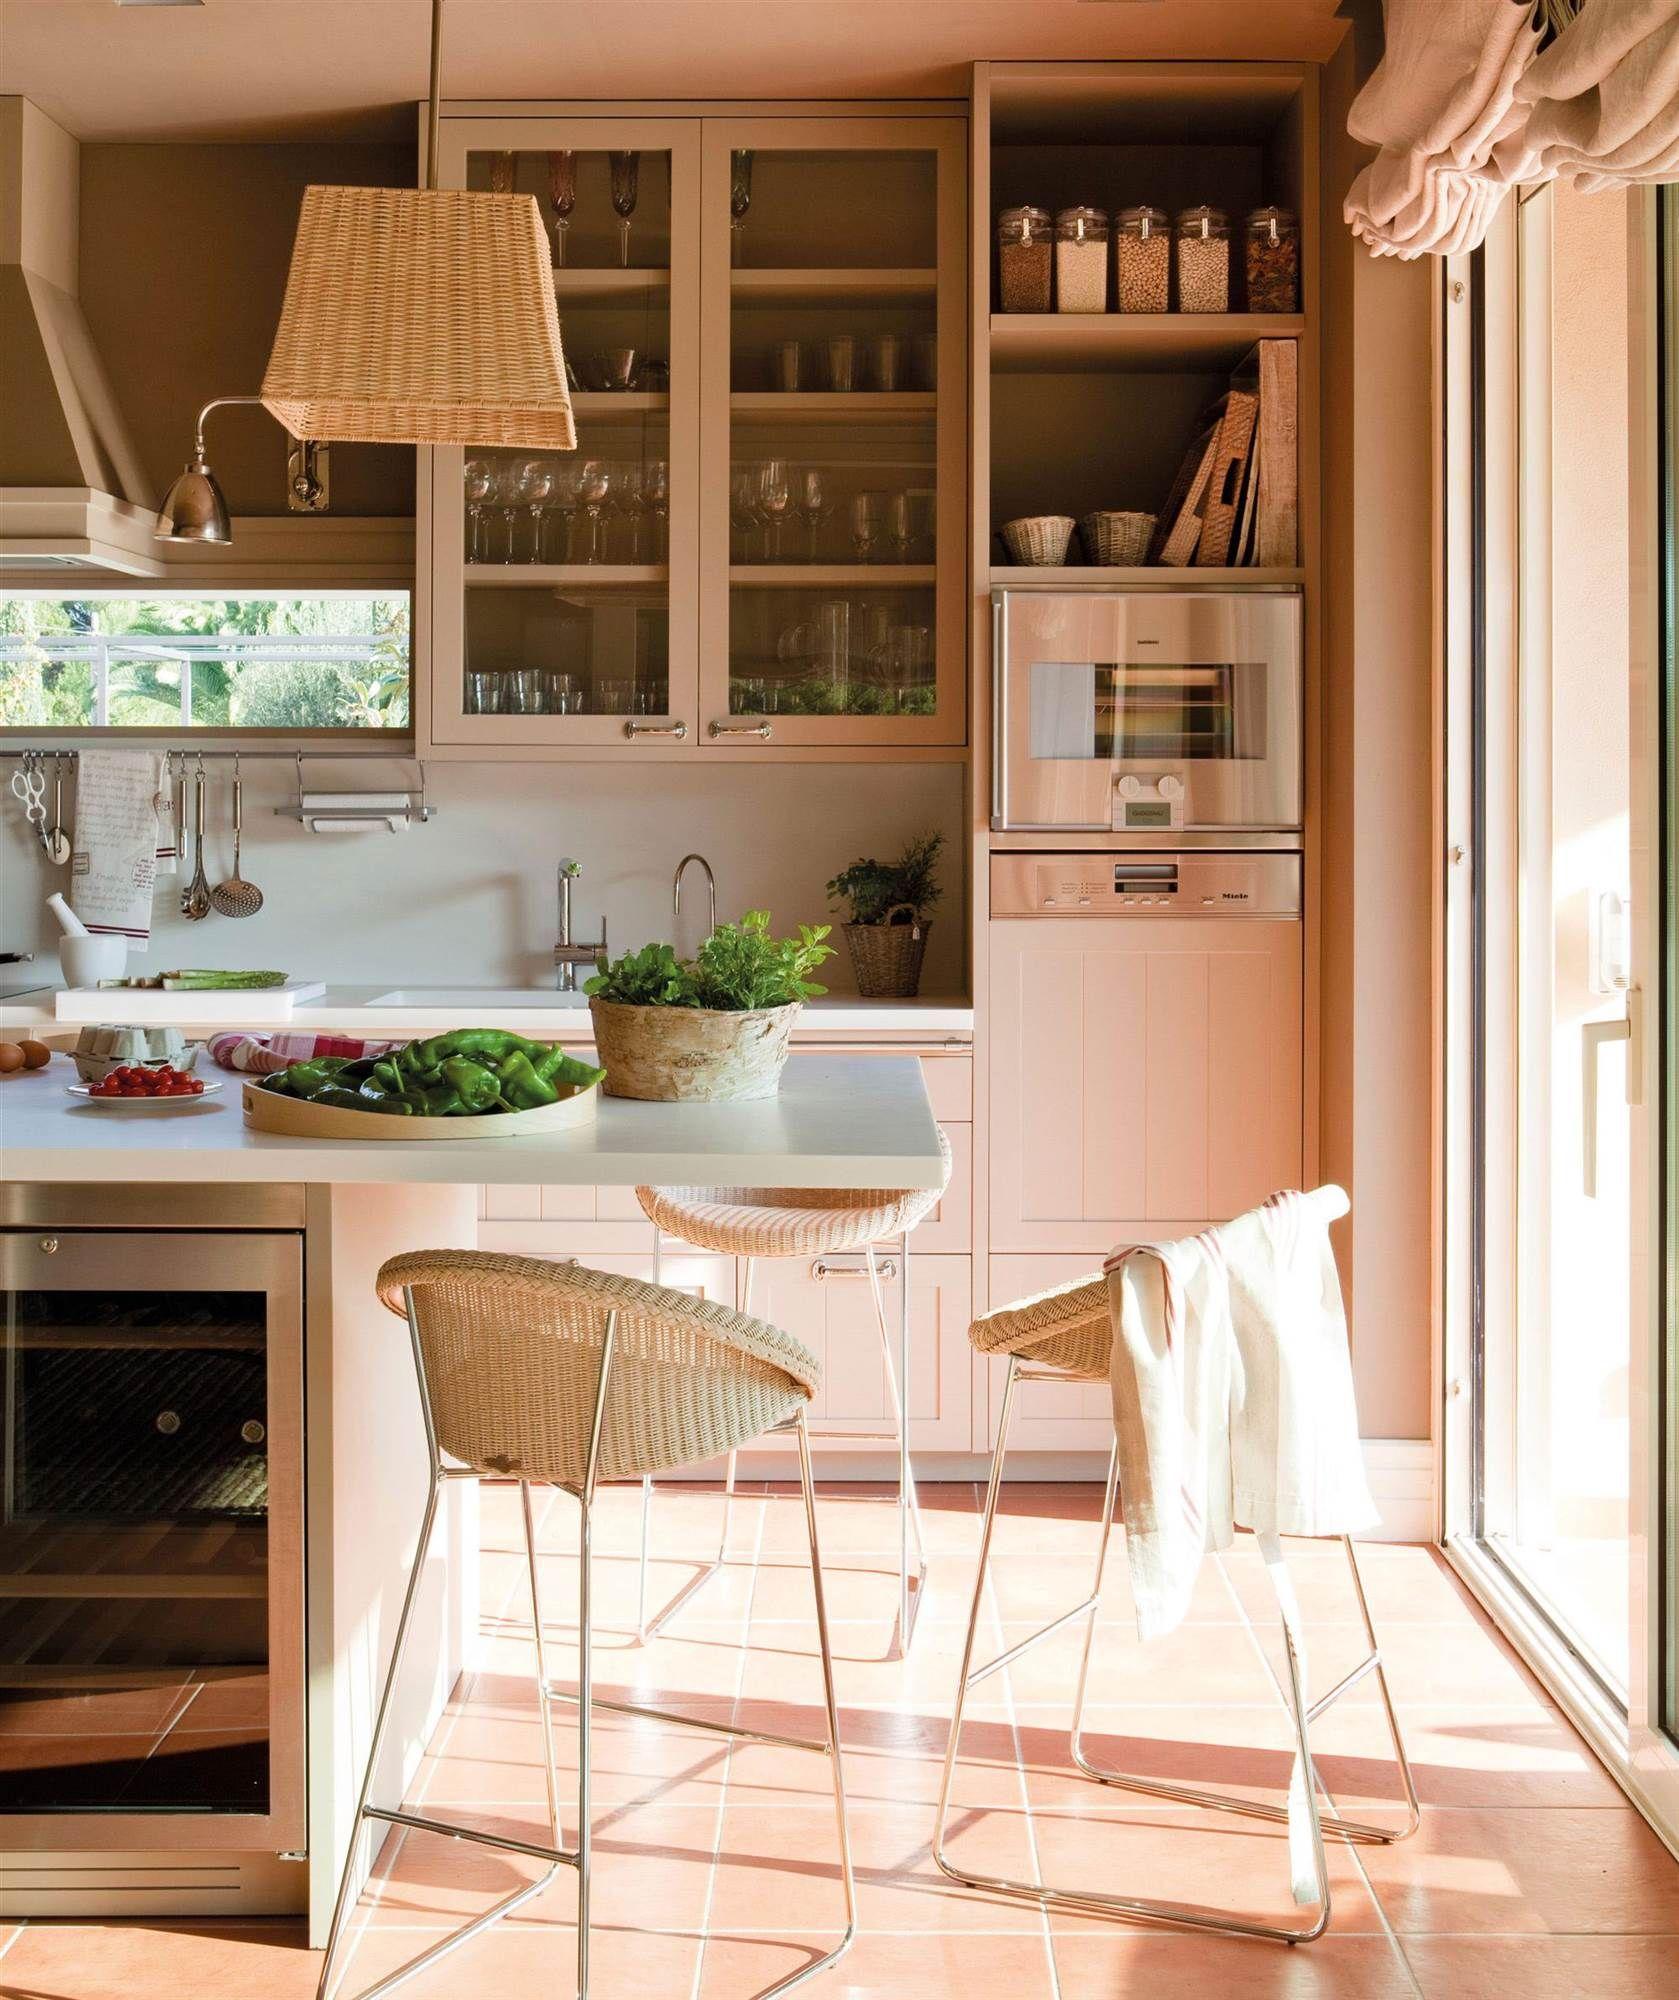 Cocina color crema con lavavajillas panelado y vinoteca_00340850 ...